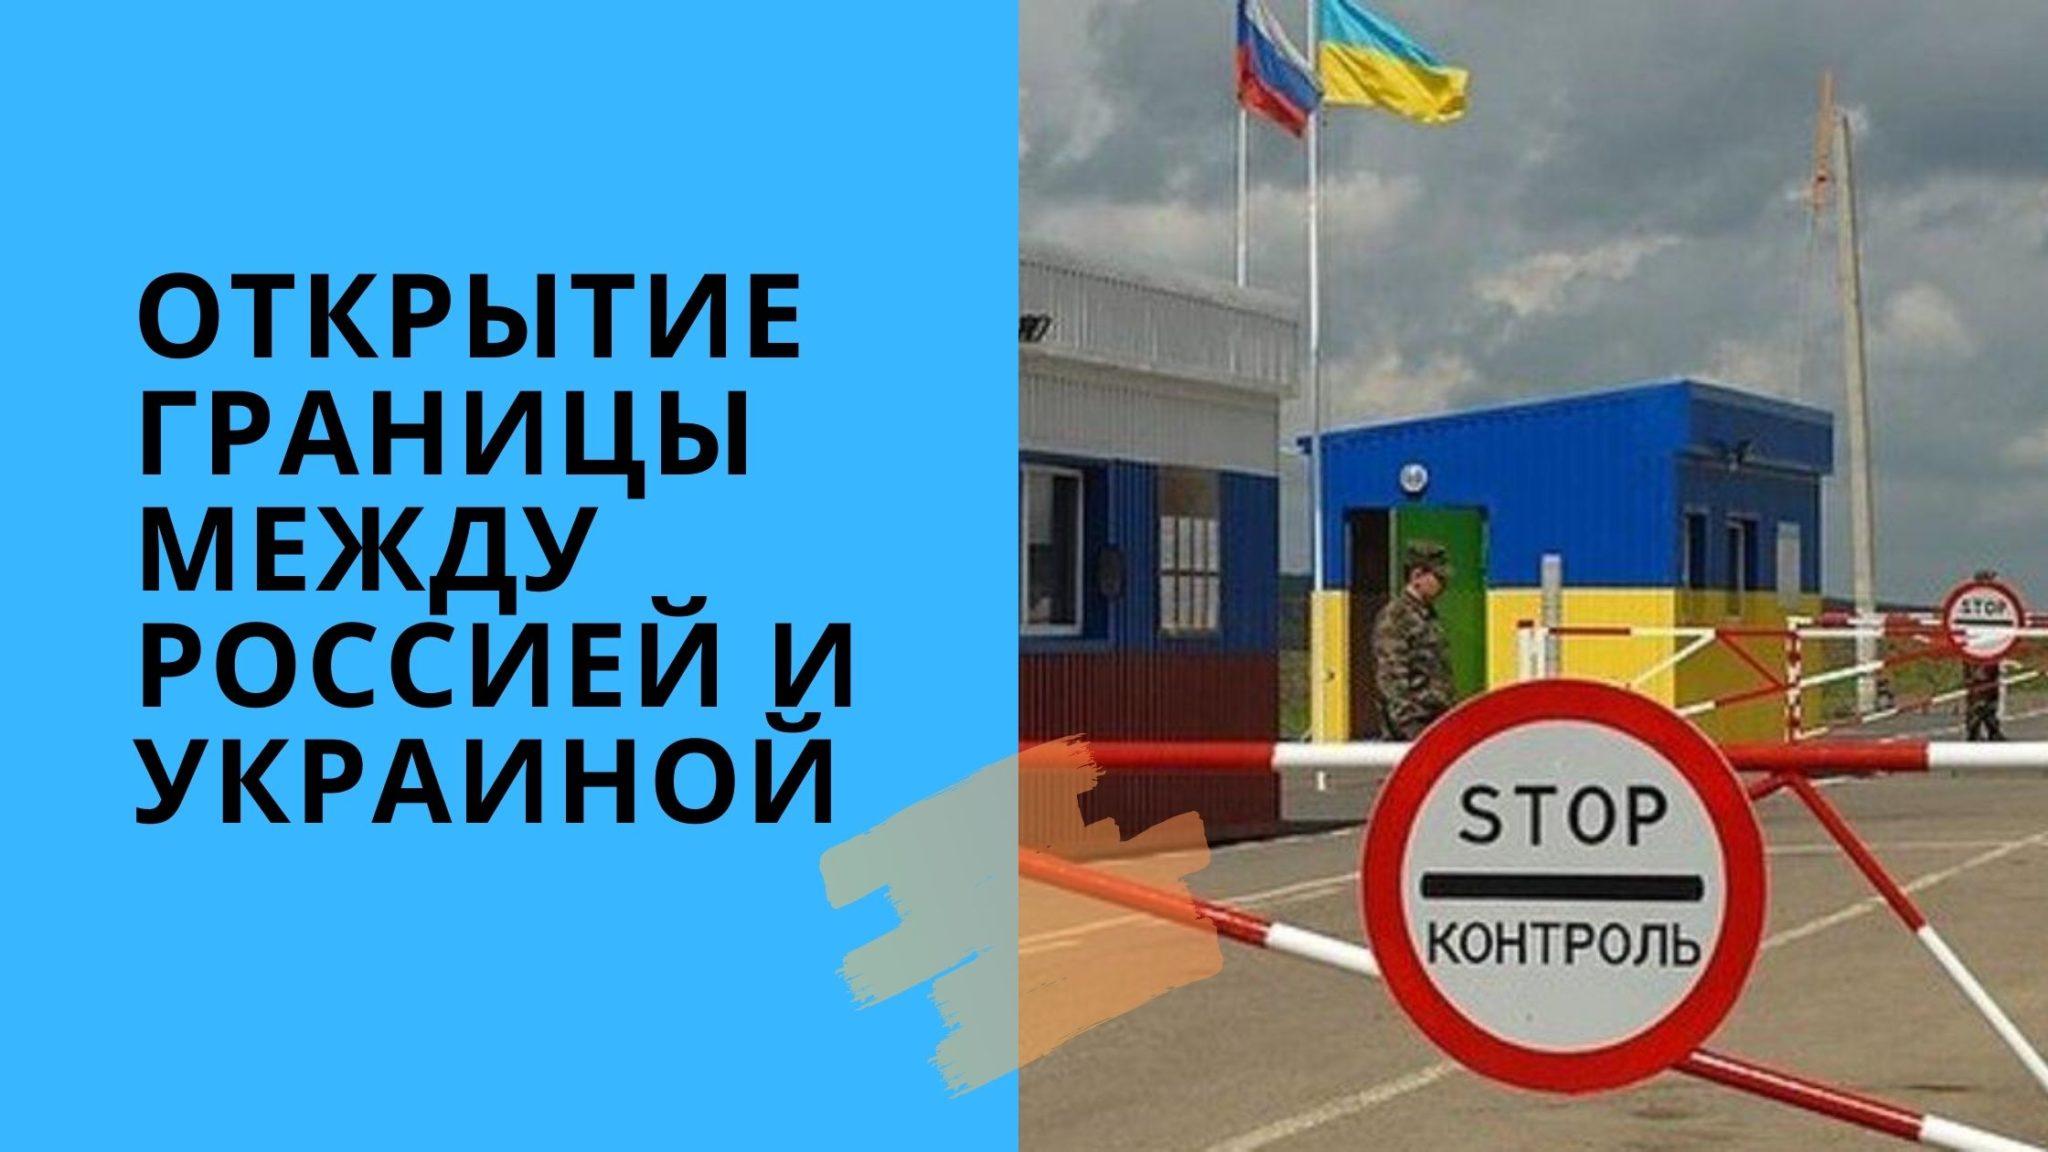 Открытие границы между Россией и Украиной